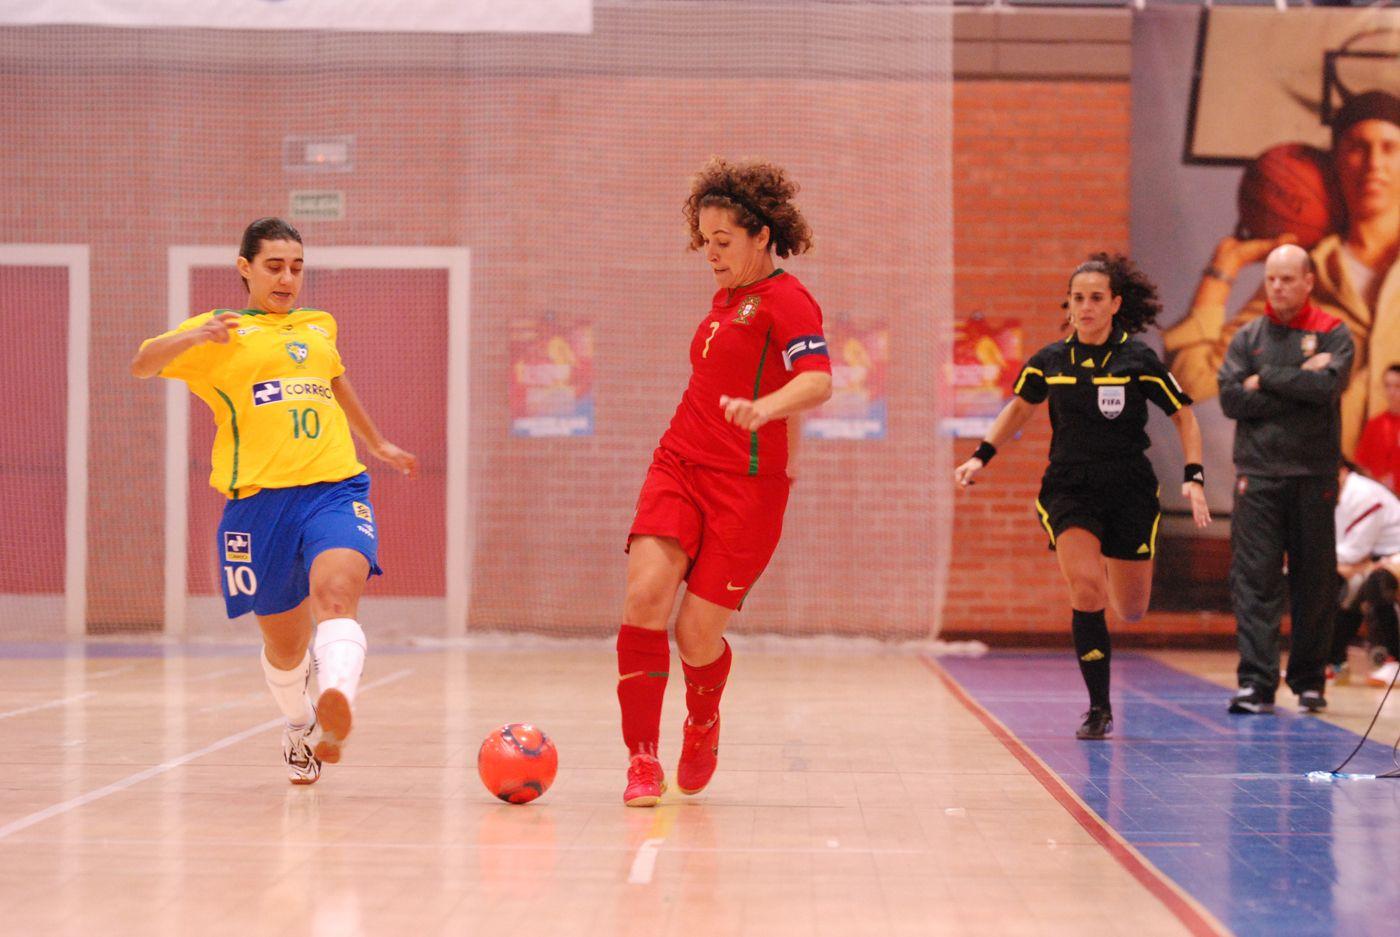 O Mundial foi disputado nas cidades de Alcobendas e Torrejón de Ardoz ffc5b312ddb2b